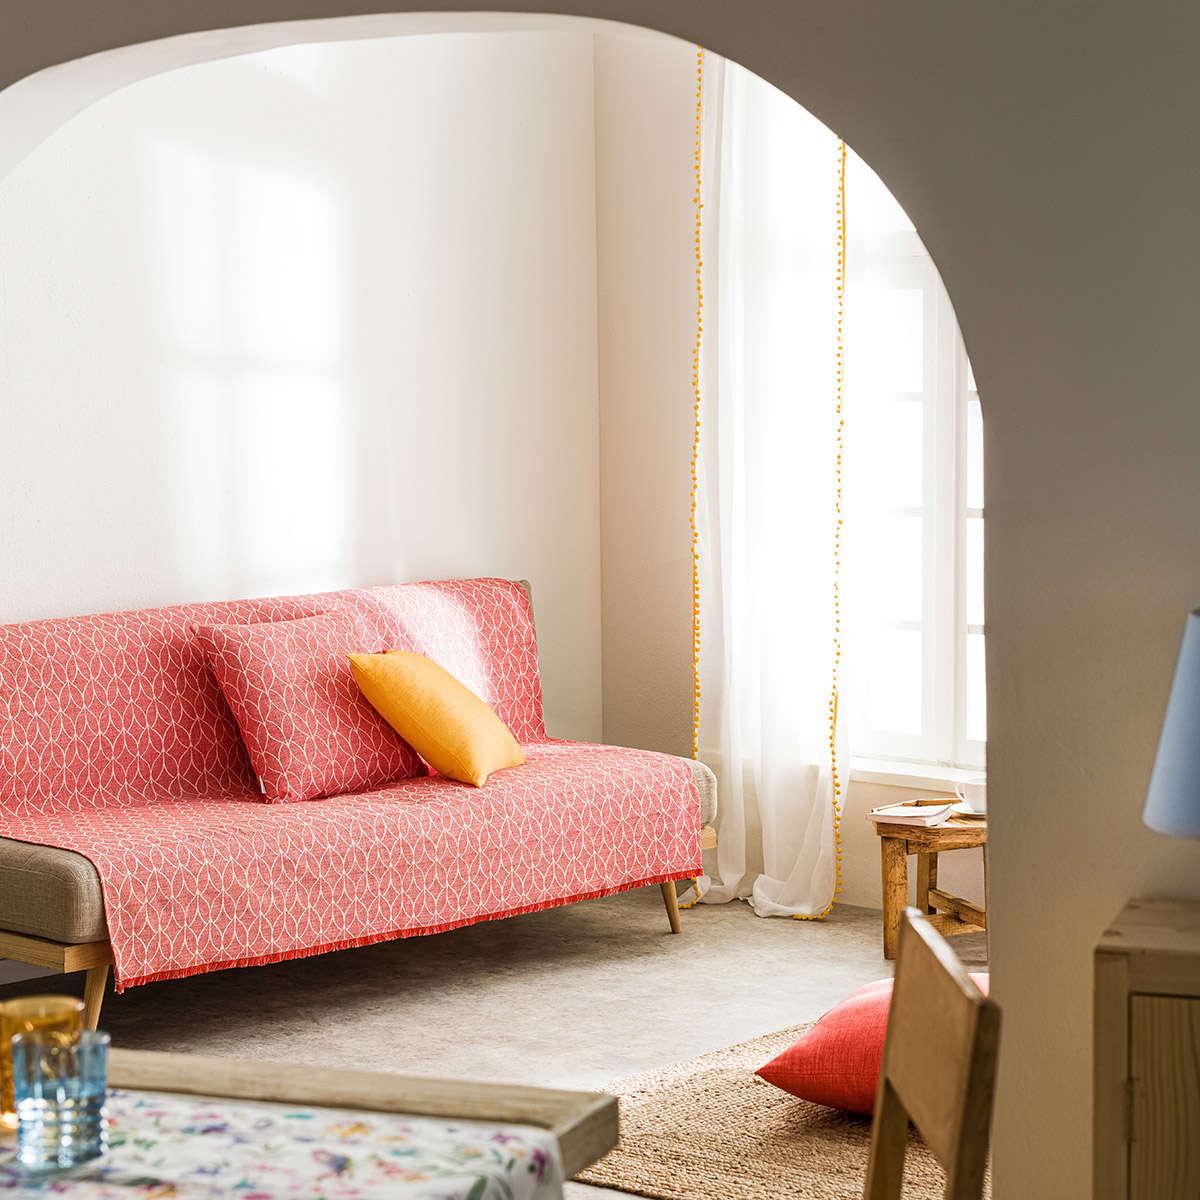 Ριχτάρι Lumien Red 517/02 Gofis Home Τετραθέσιο 180x350cm